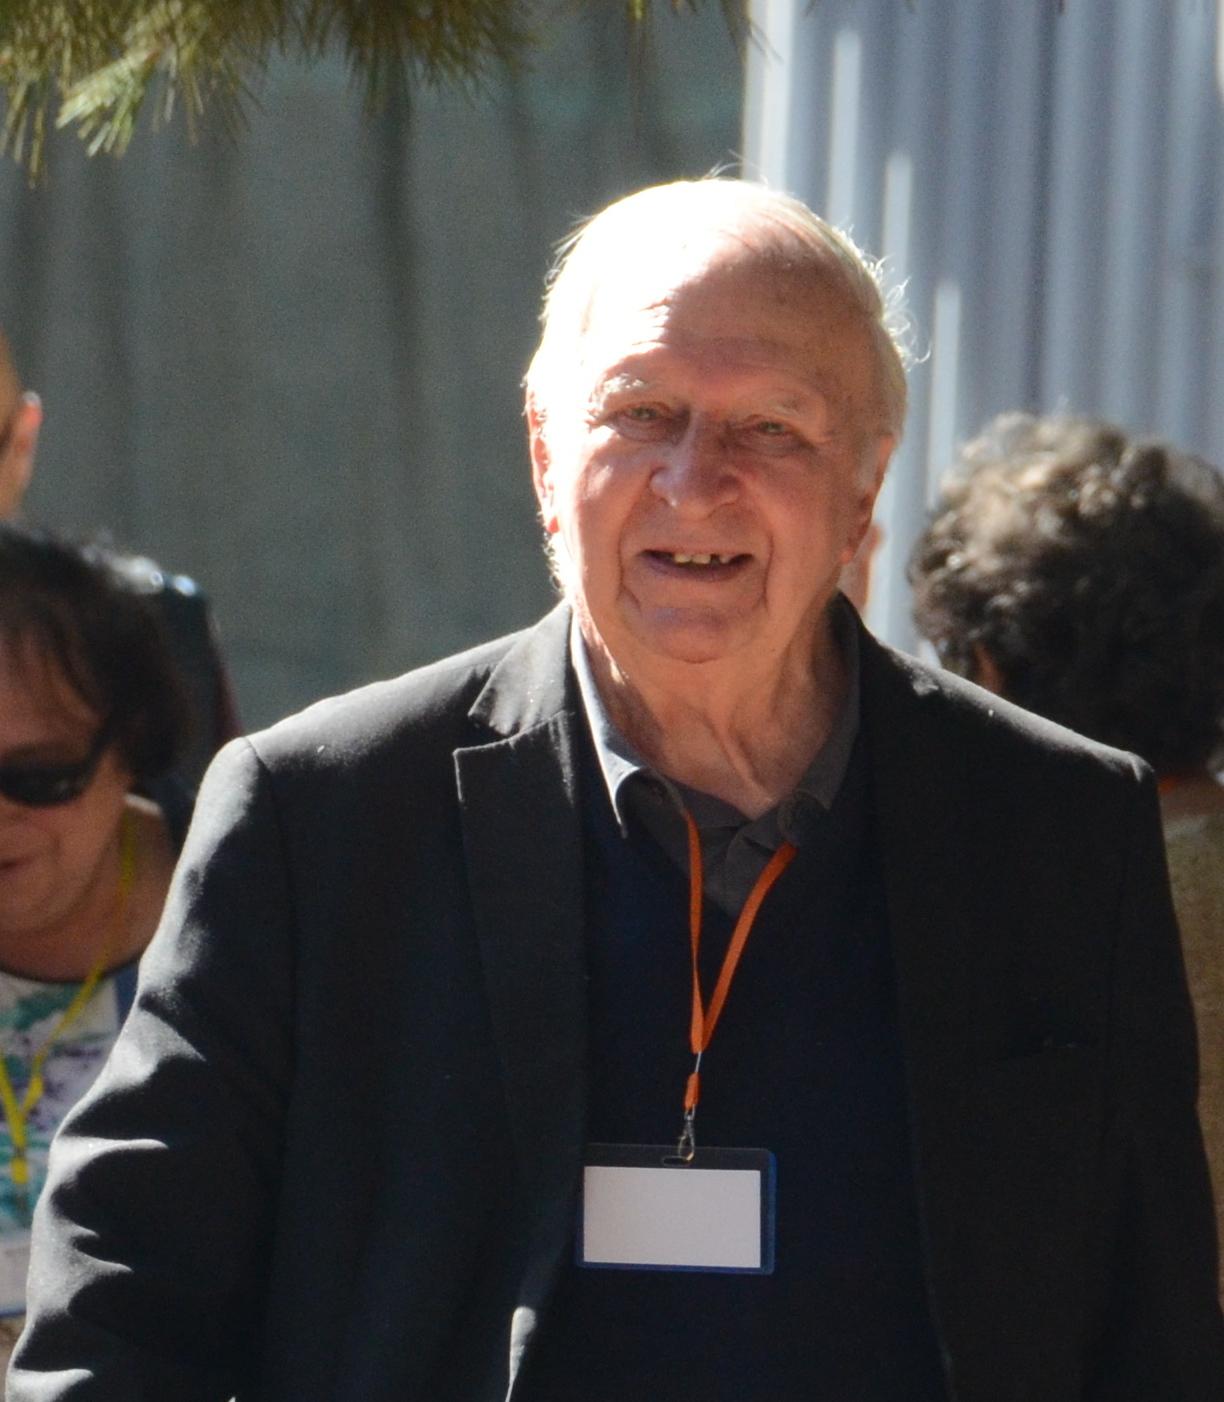 Décès de Mgr Teissier, Hommage et Témoignages de Nadia Ait-Zai et Jean-Pierre Henry